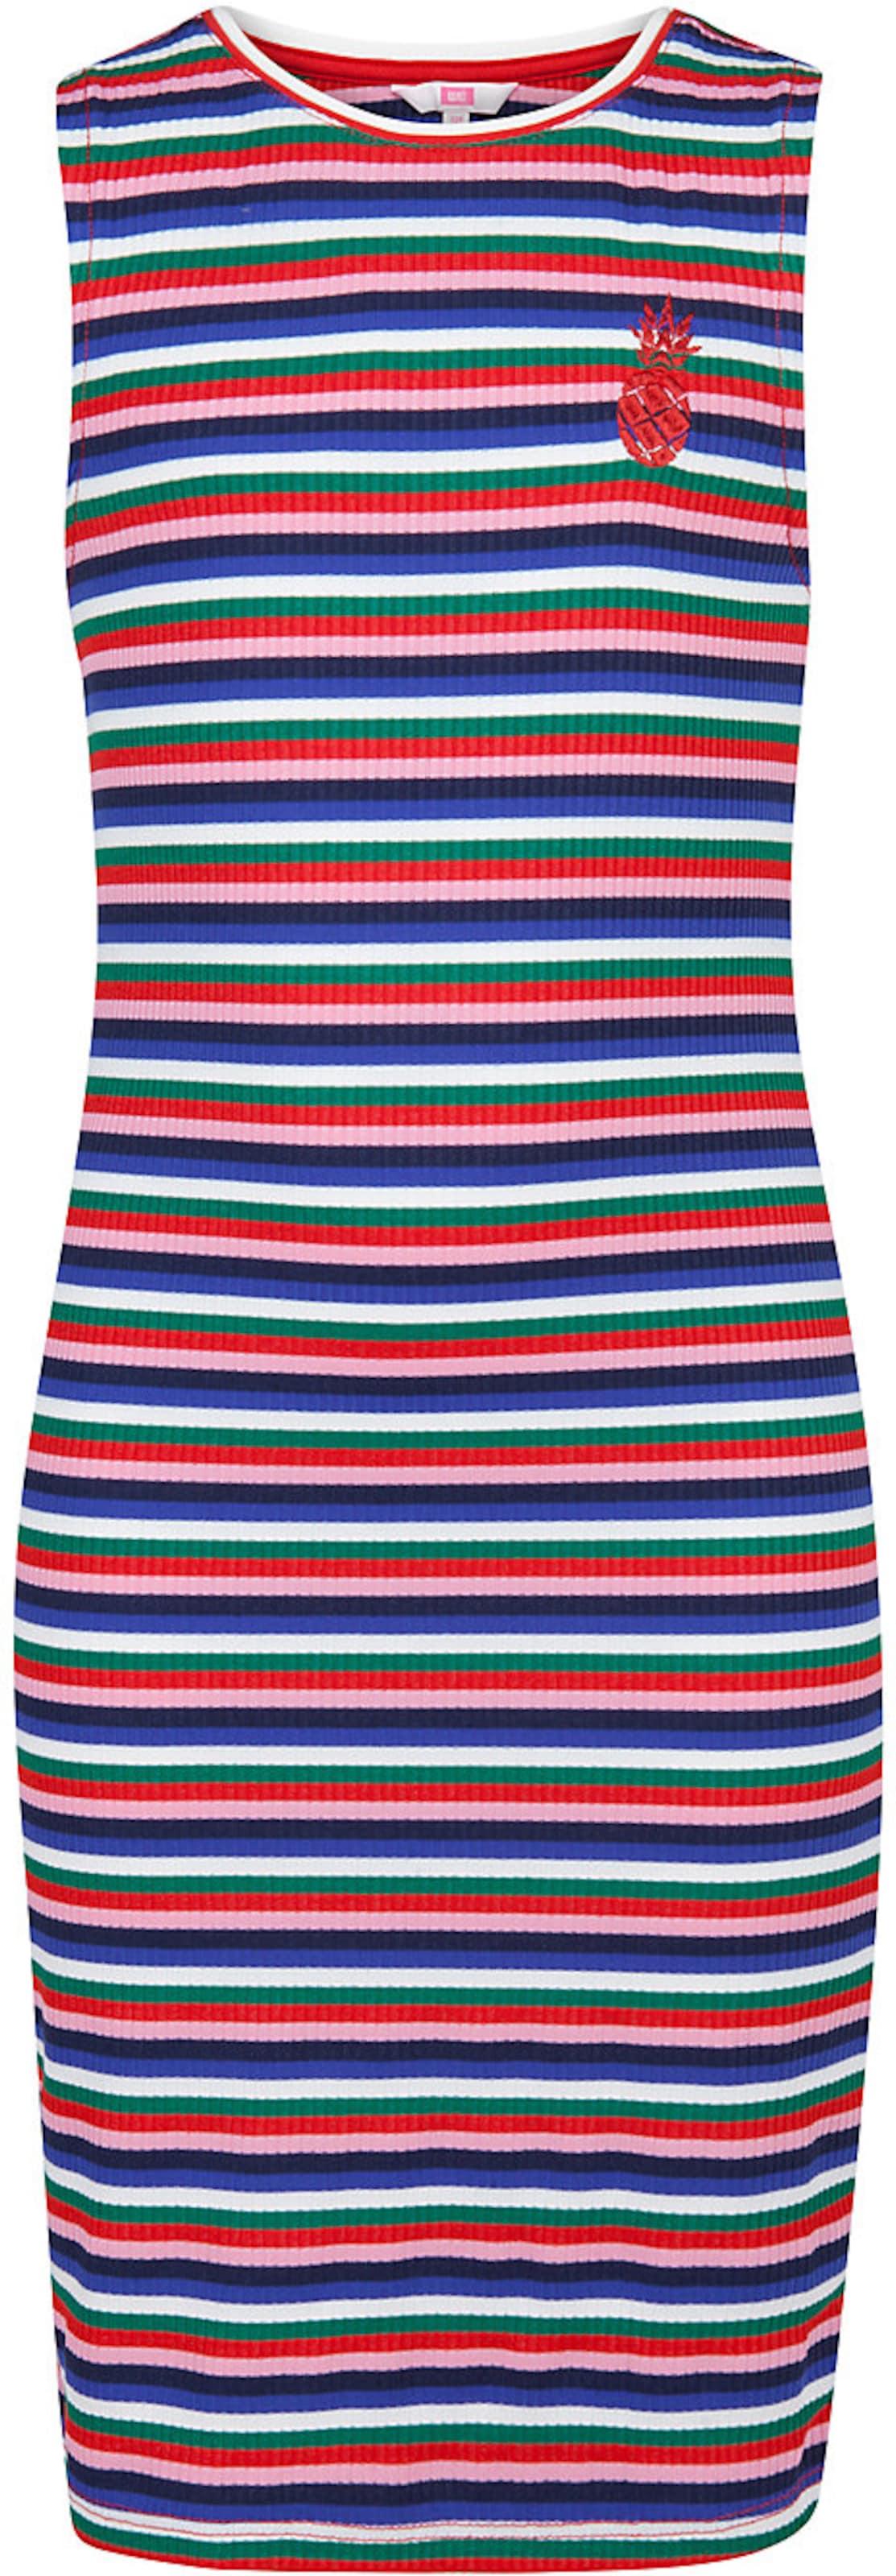 Kinder,  Mädchen,  Kinder WE Fashion Kleid 'Melis' bunt,  mehrfarbig, pink | 08719508620574